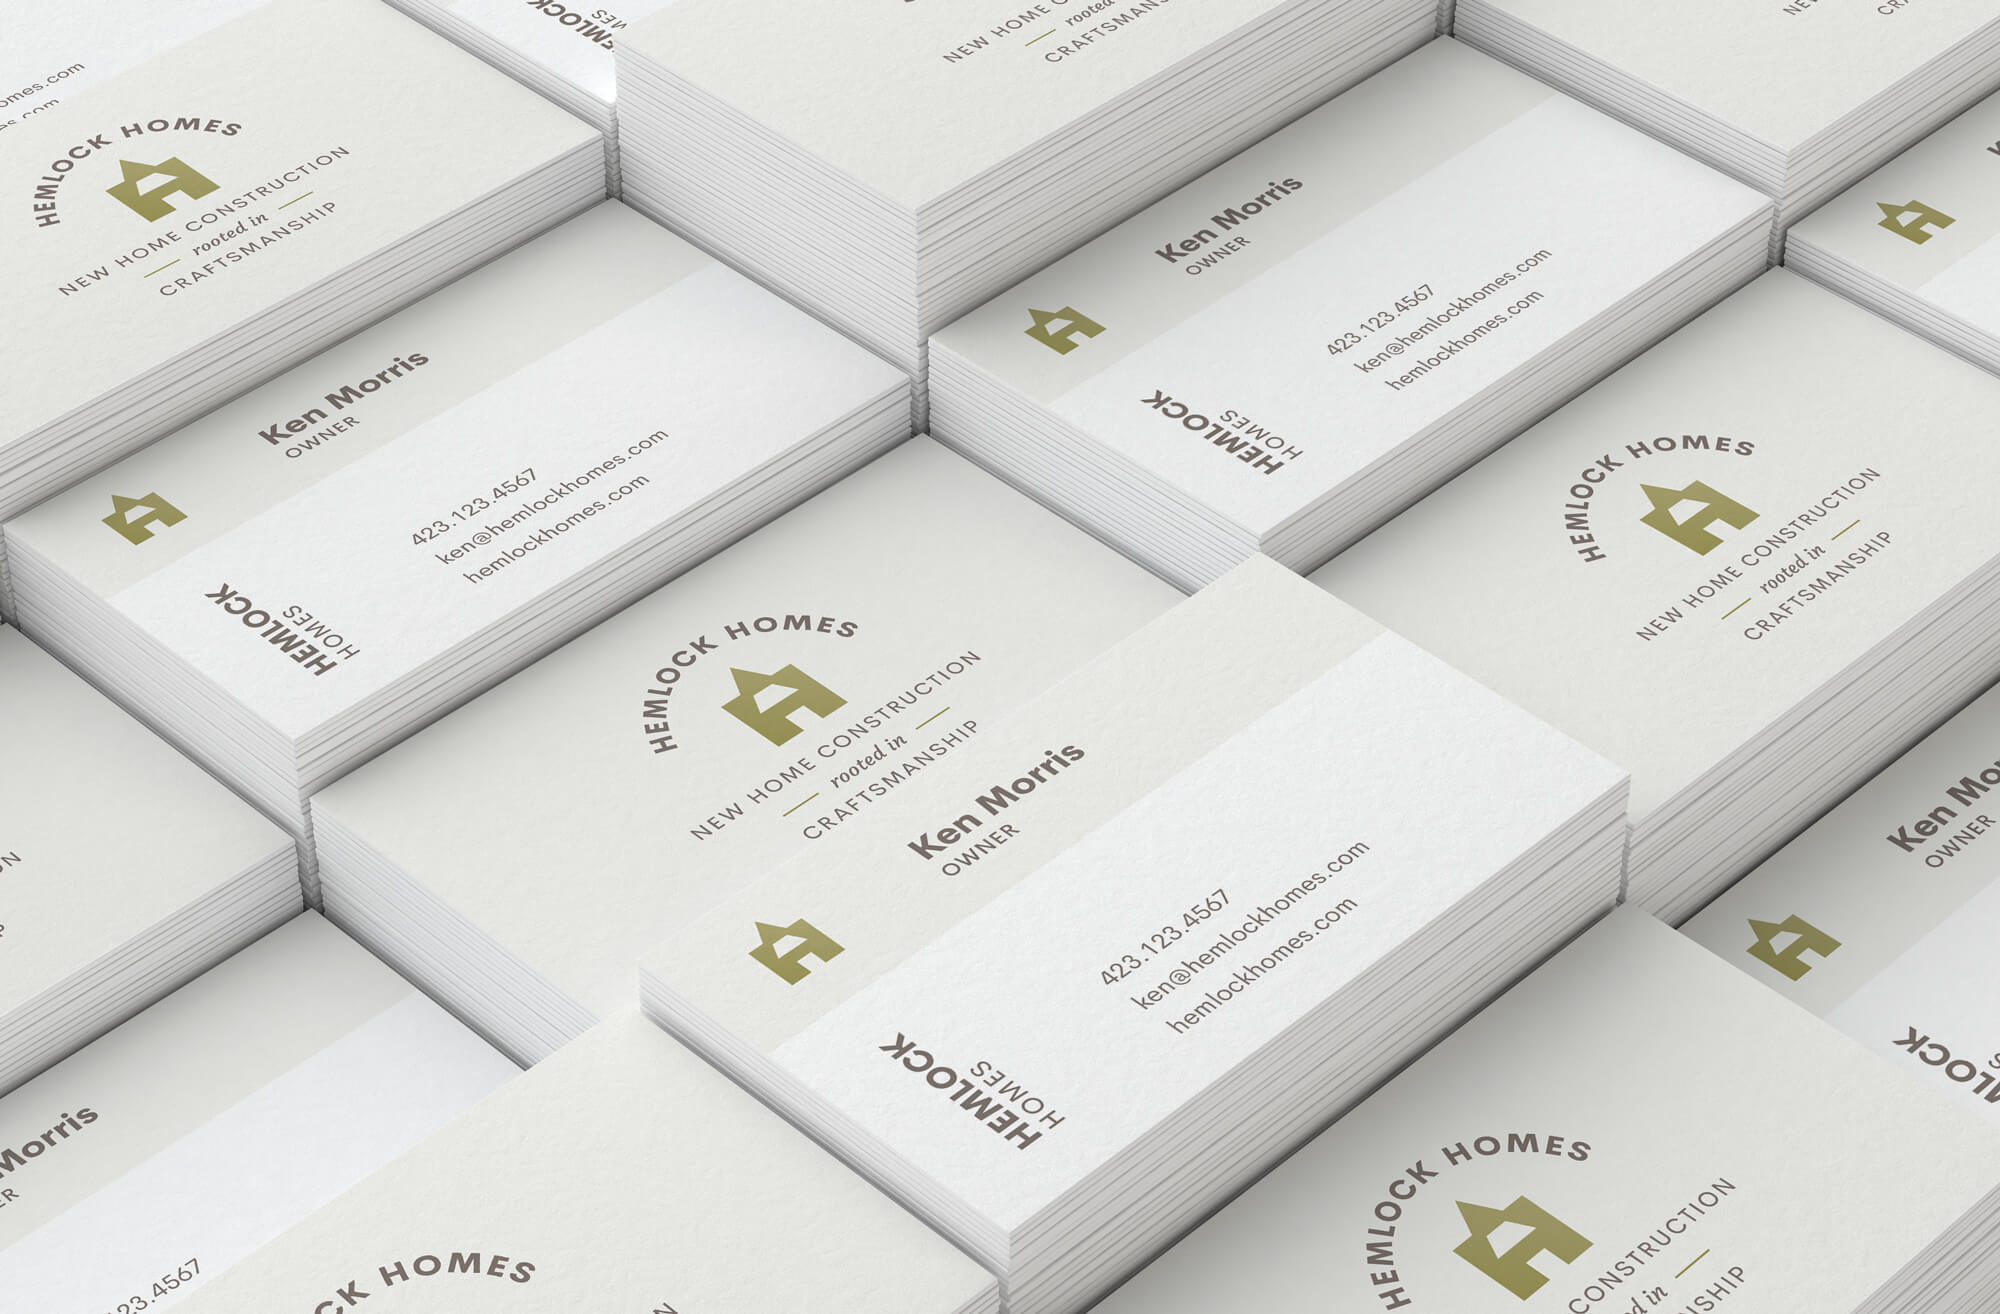 Business card mockups for Hemlock Homes, designed by Serve